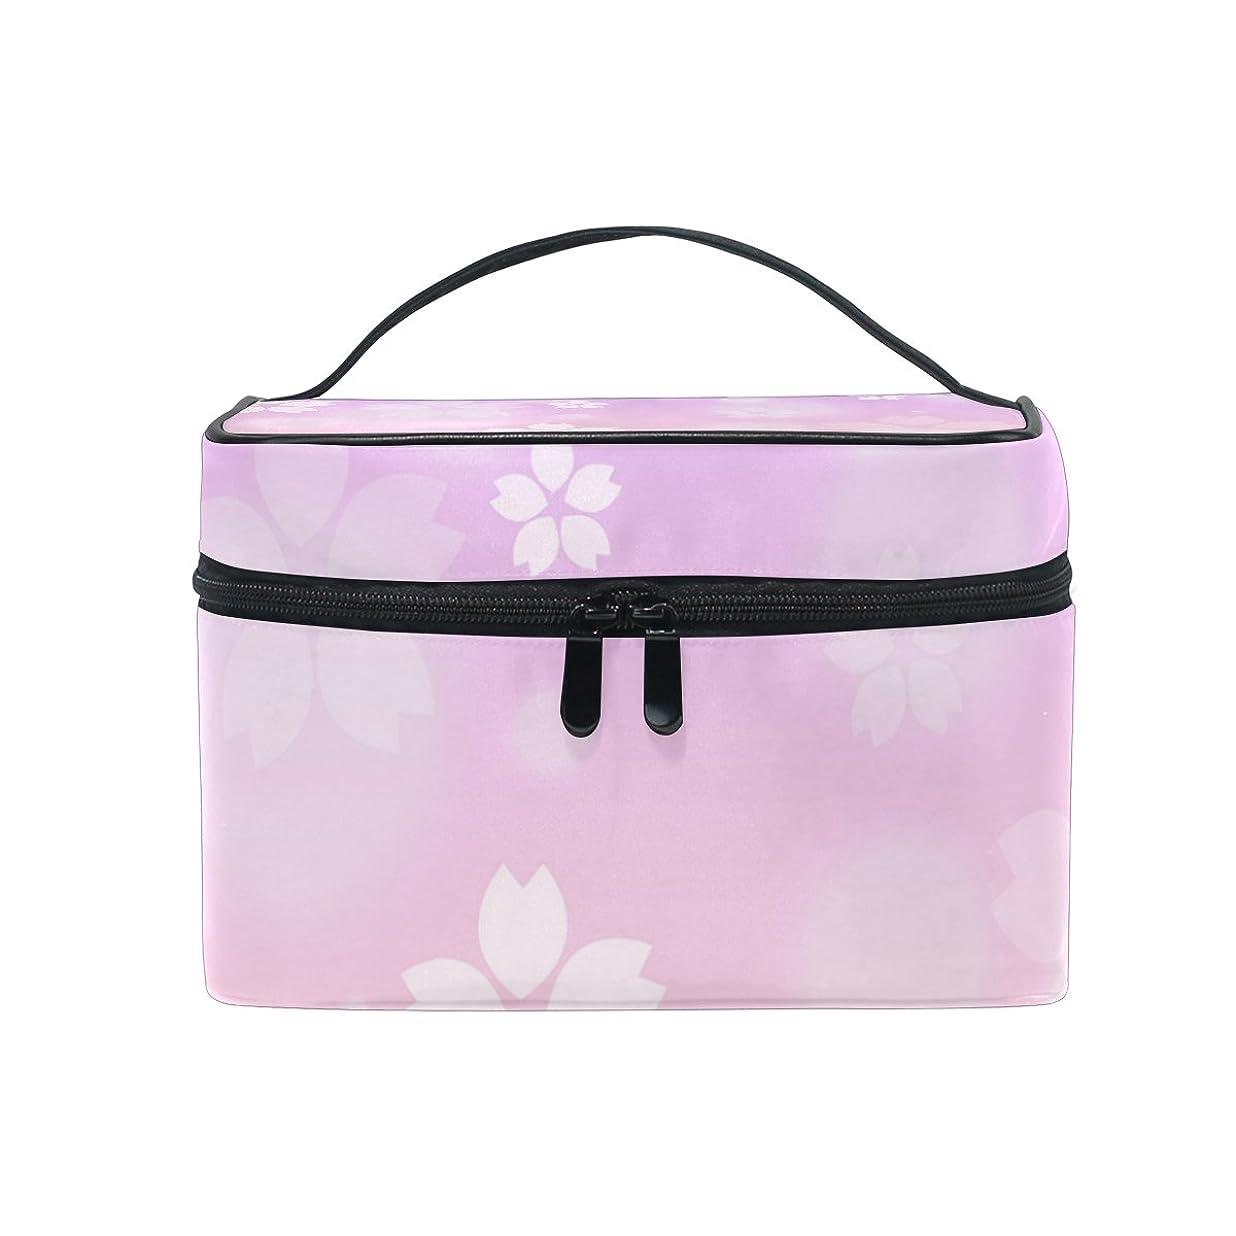 特別な自体ルアーALAZA 化粧ポーチ 花柄 はな柄 化粧 メイクボックス 収納用品 ピンク 大きめ かわいい